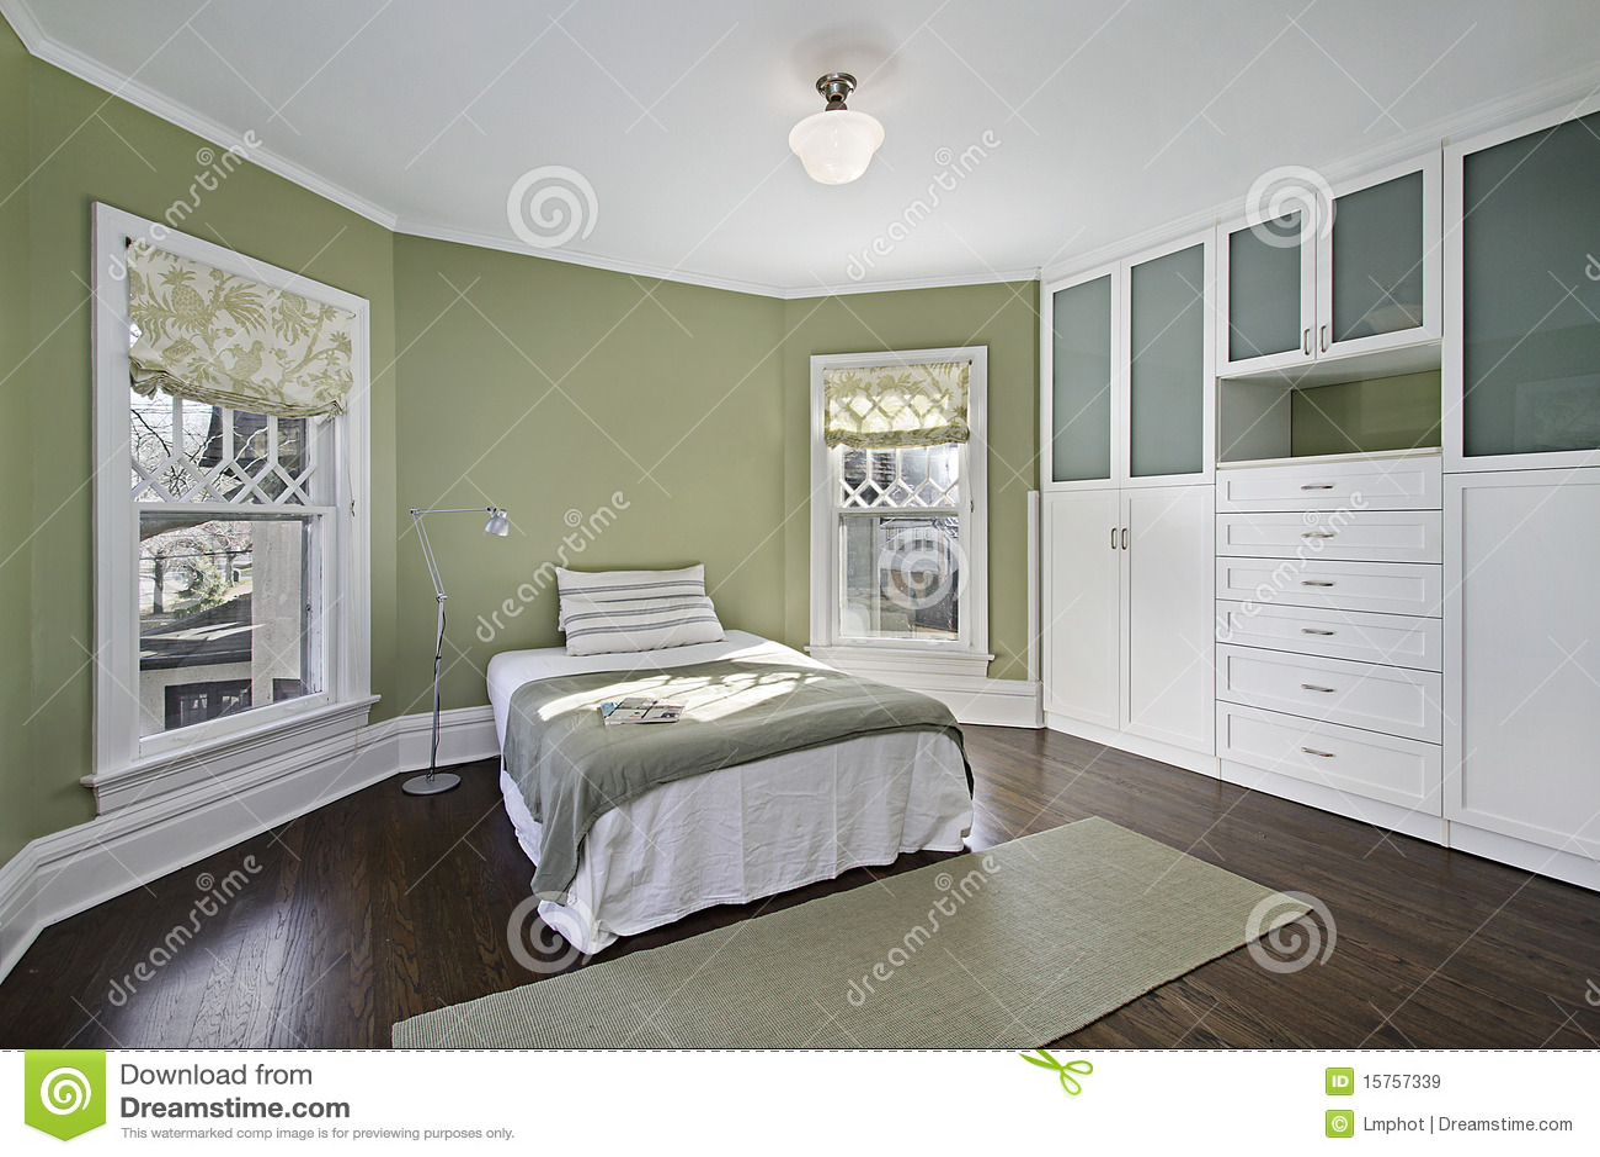 Camera da letto matrice con le pareti verdi immagine stock - Pareti camera da letto ...